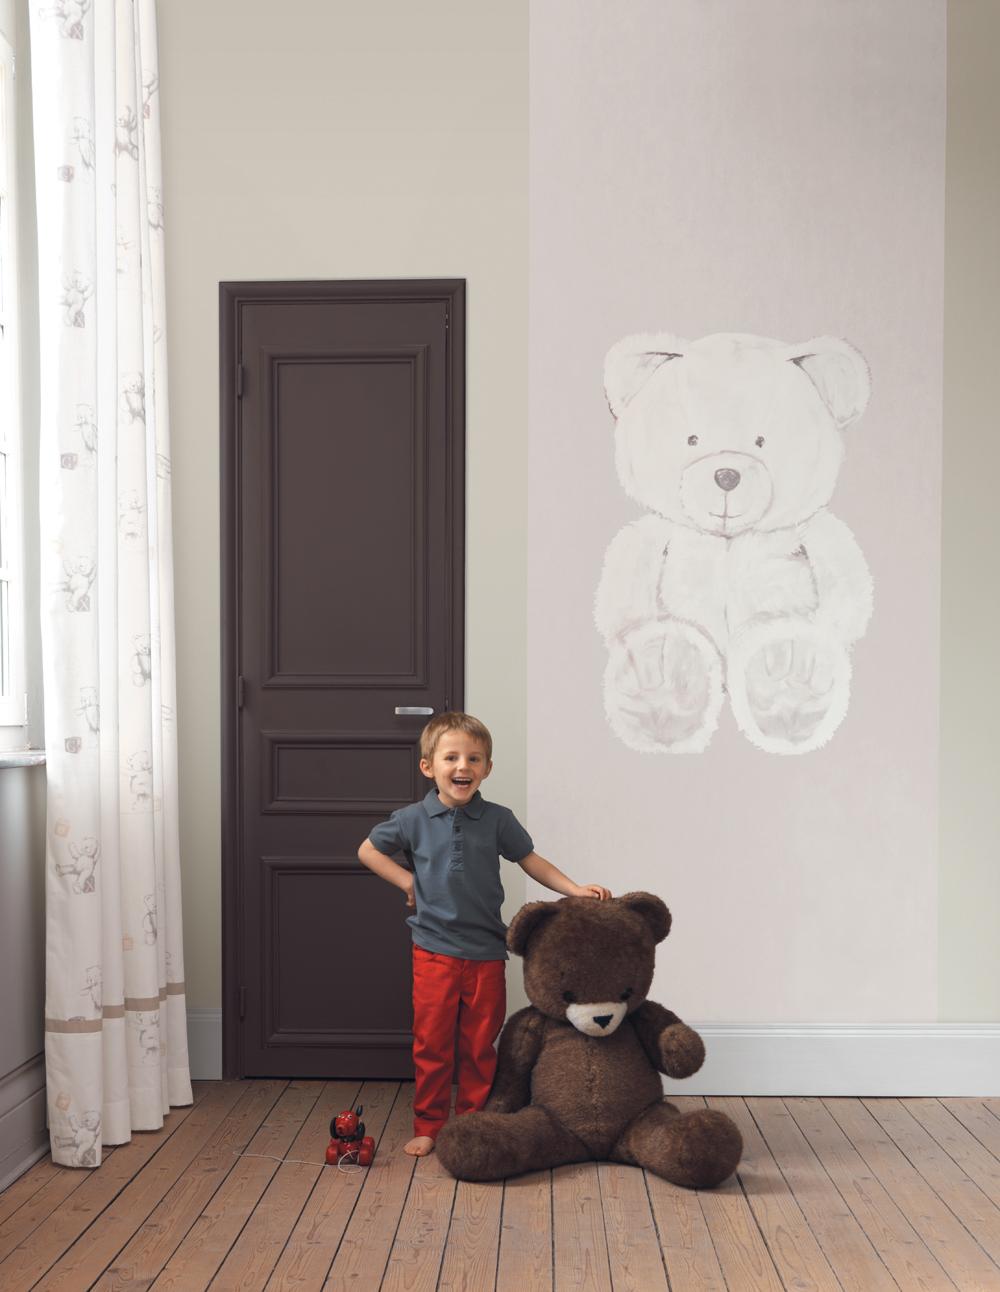 Id̩es d̩co pour la chambre de b̩b̩D̩coration Murale РLe blog ...